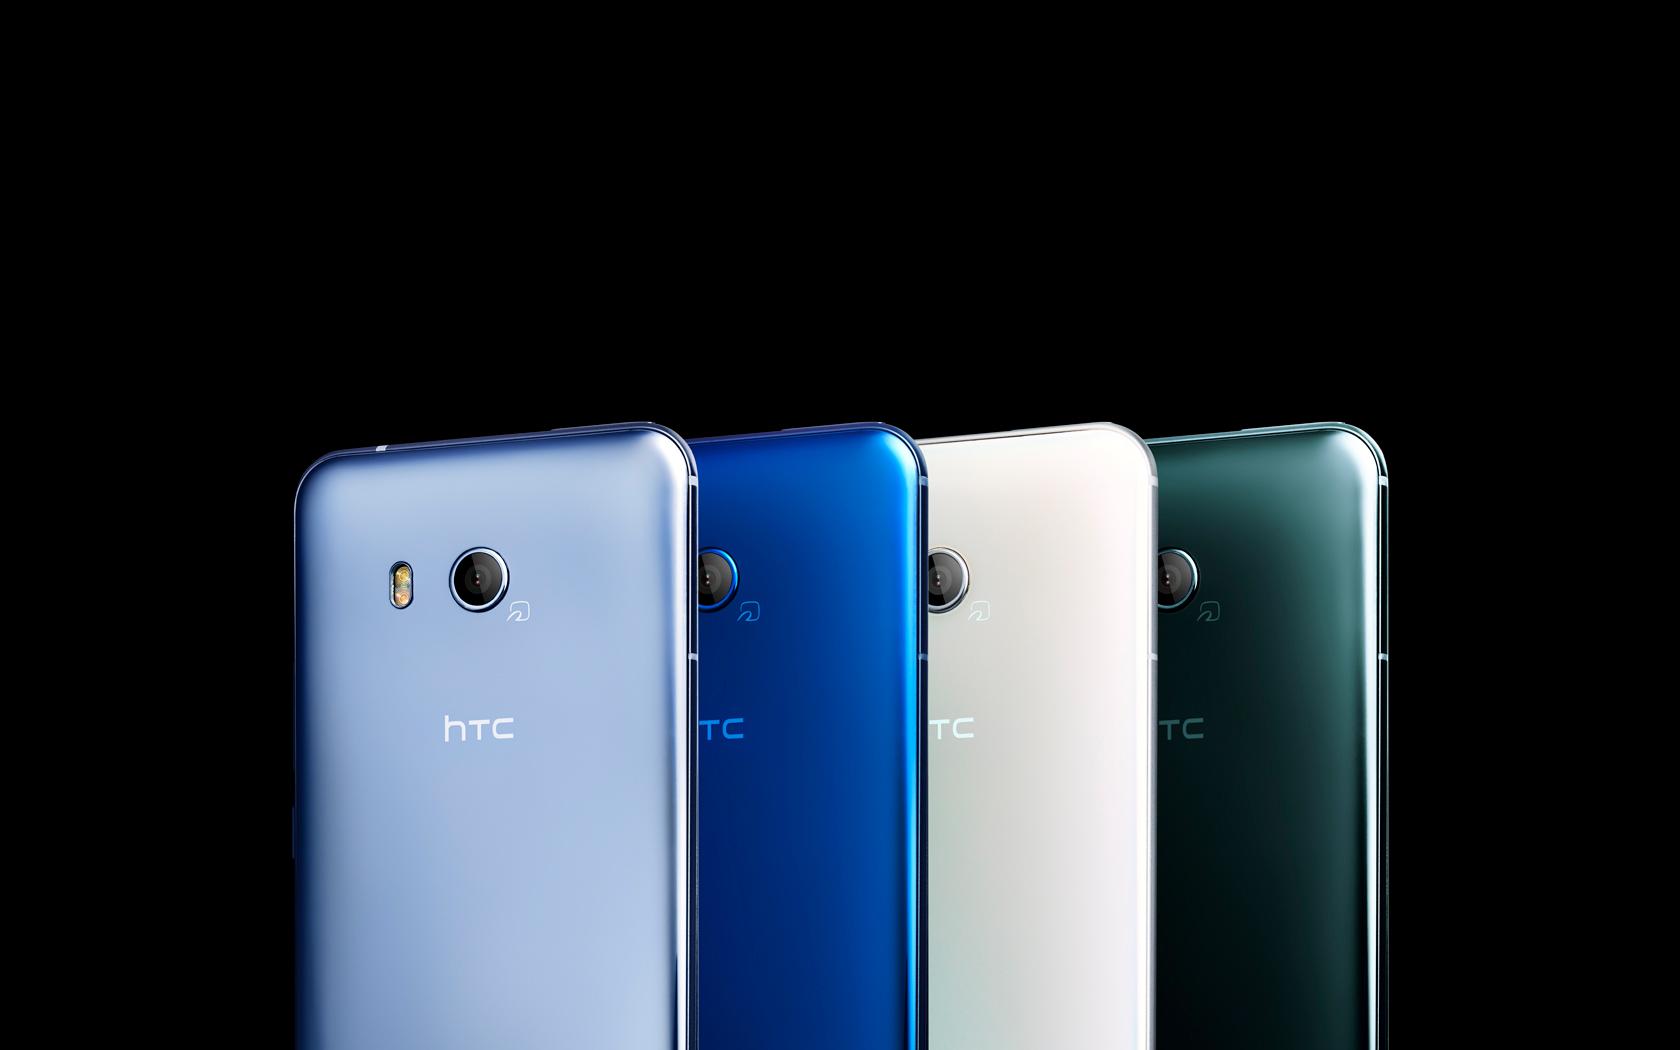 「HTC U11」ソーラーレッドのSIMフリー版が税抜6.9万円で予約開始、3月上旬発売